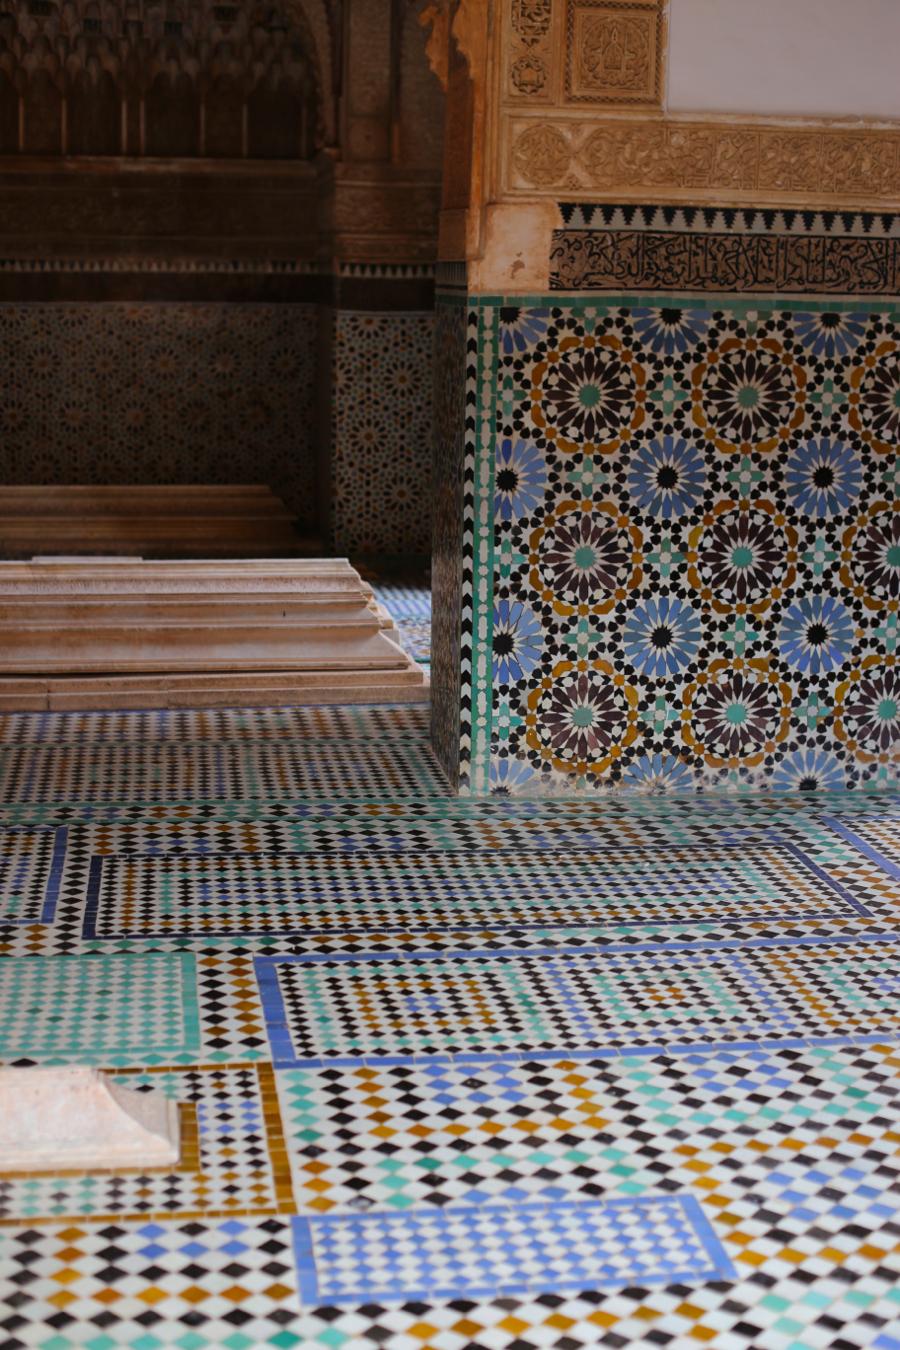 ari_primerandlacquer_in_marrakesch_24